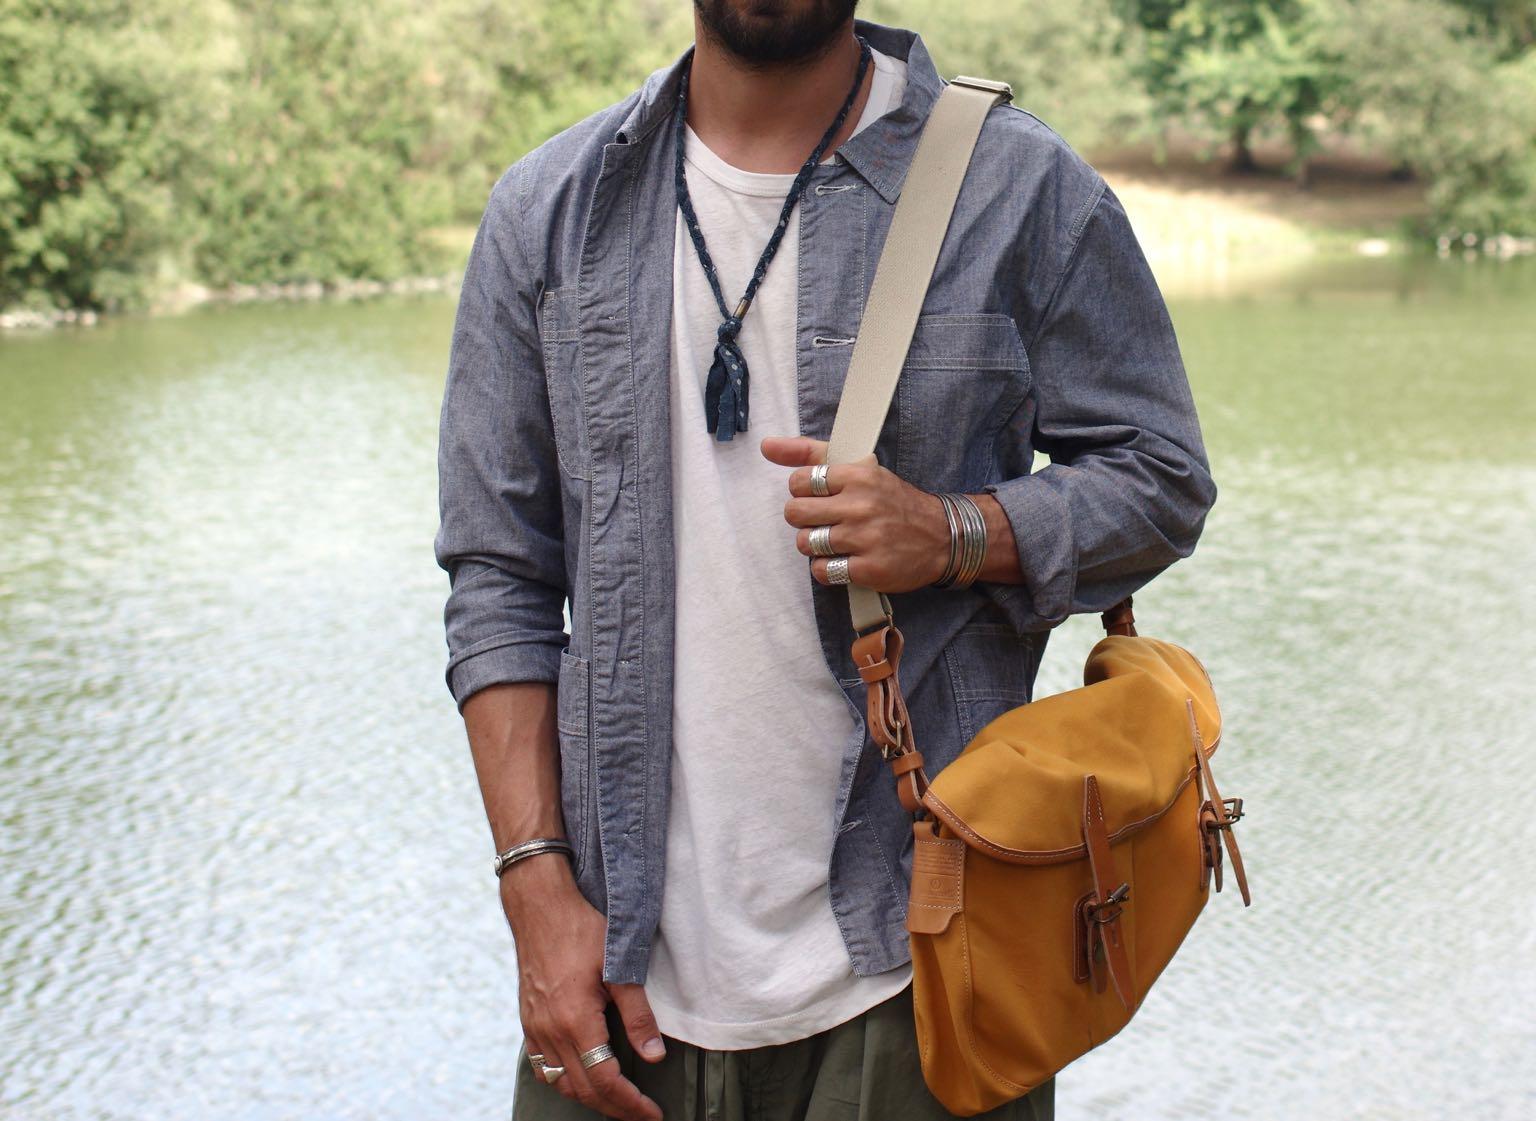 veste de travail en chambray Cos + collier borali pur un style homme workwear d'été - porter tee shirt blanc